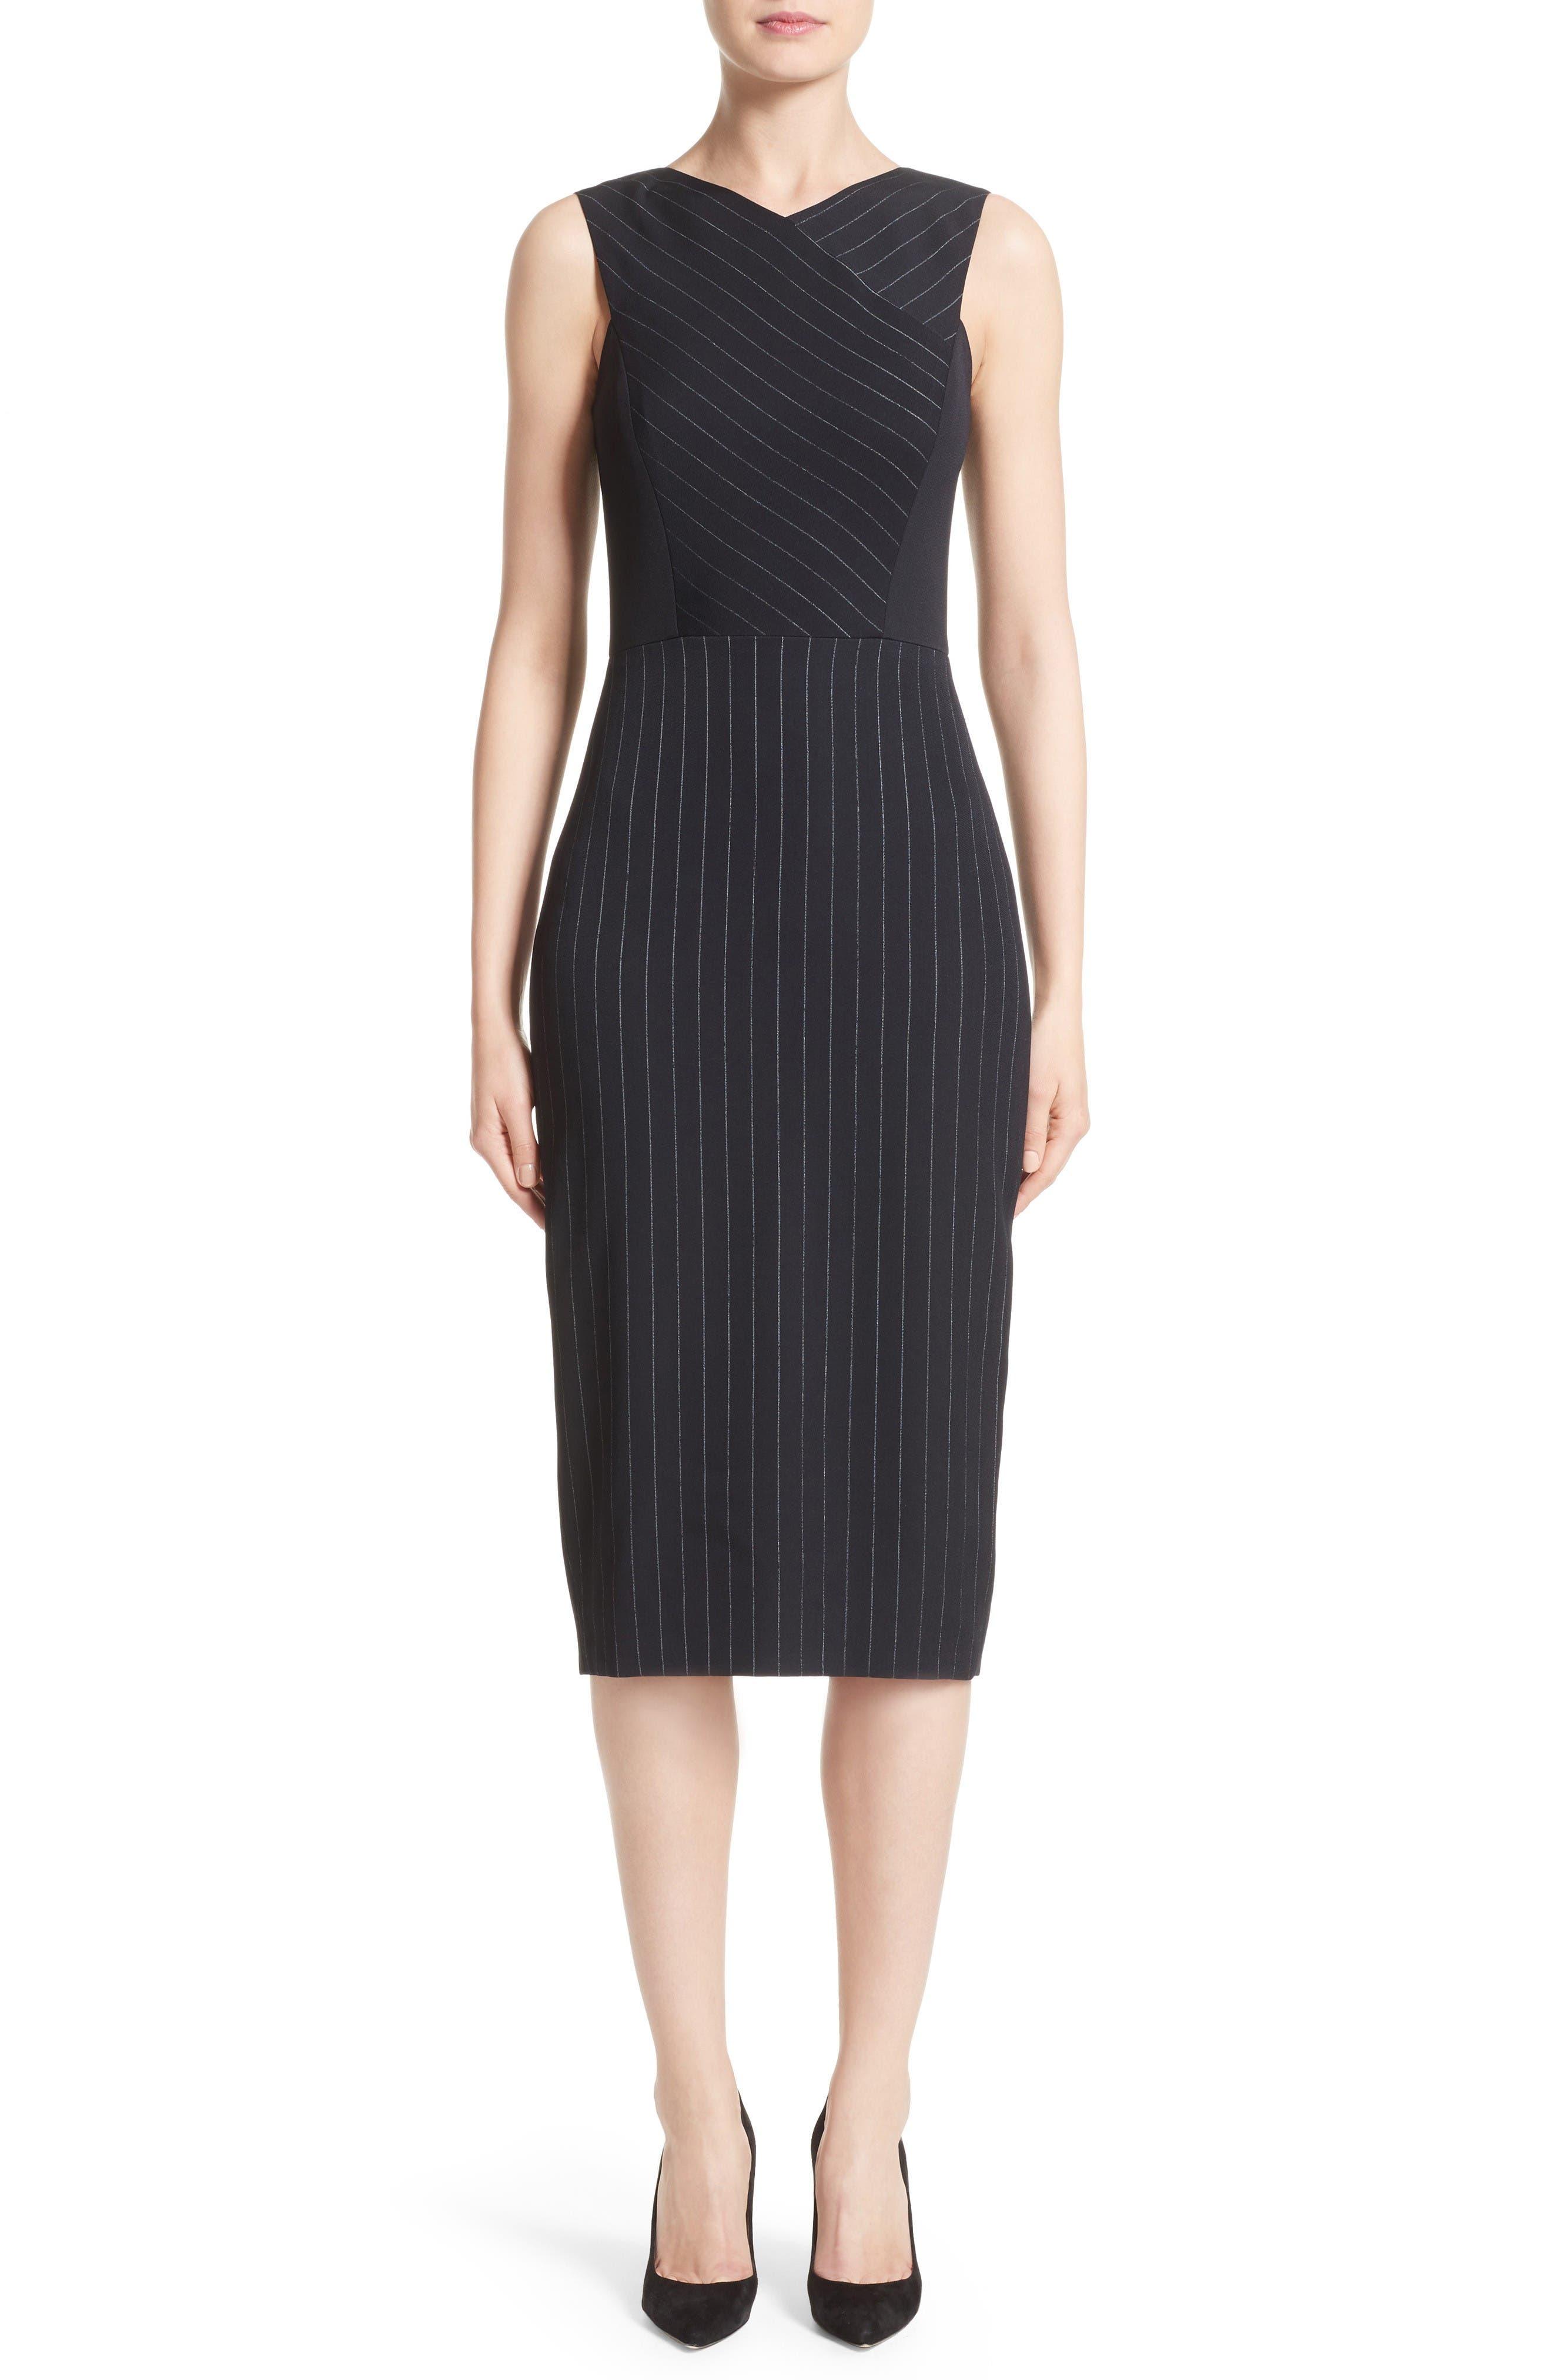 Main Image - Jason Wu Pinstripe Stretch Dress